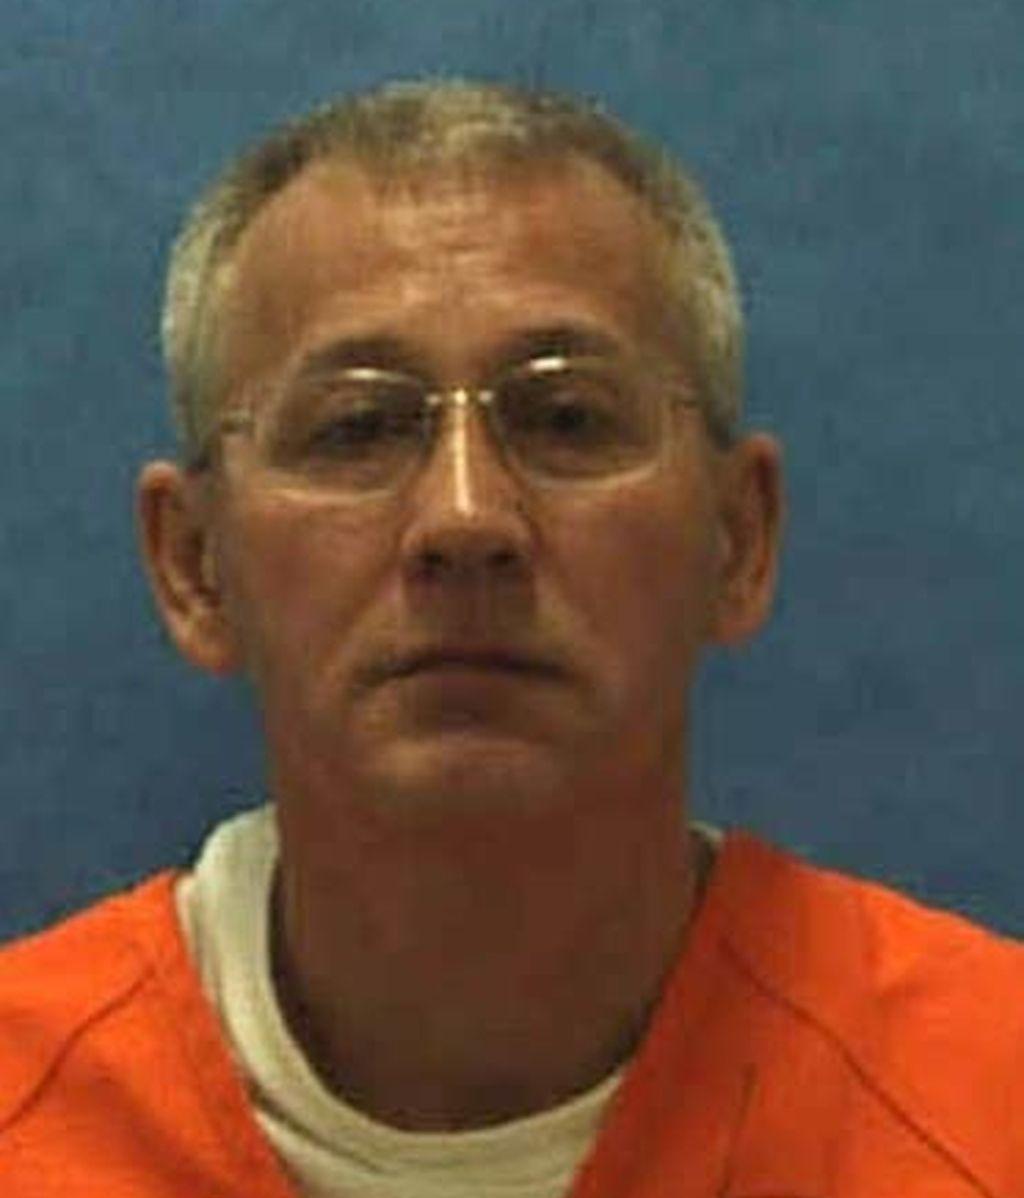 Florida ejecuta a Oscar Ray Bolin, condenado por el asesinato de tres mujeres en 1986